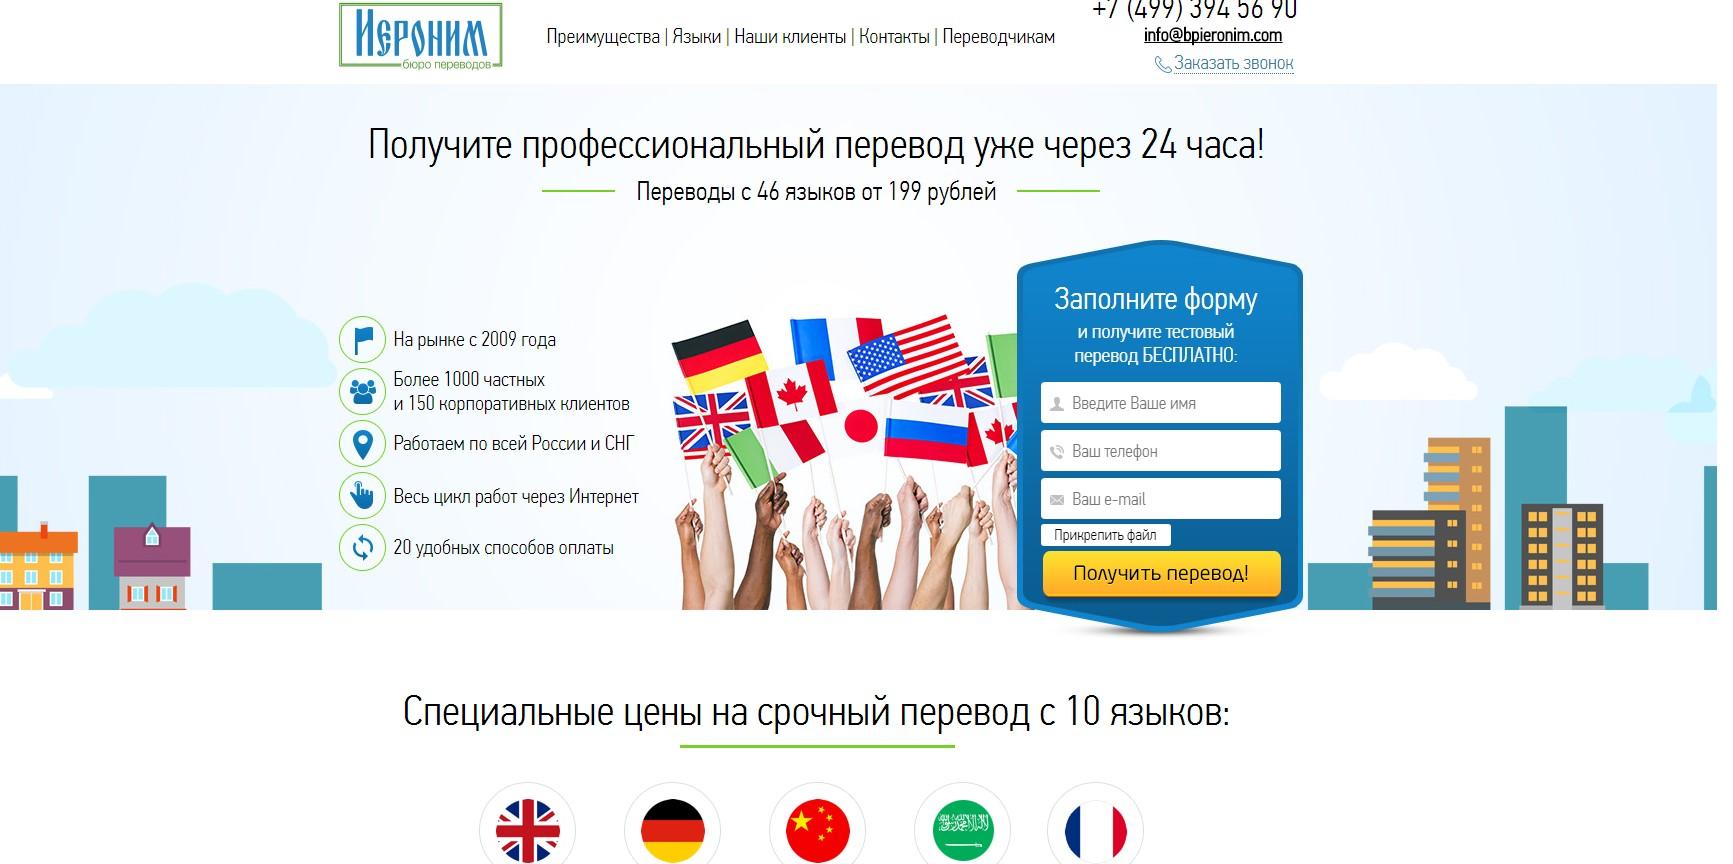 Пример лендинга бюро переводов